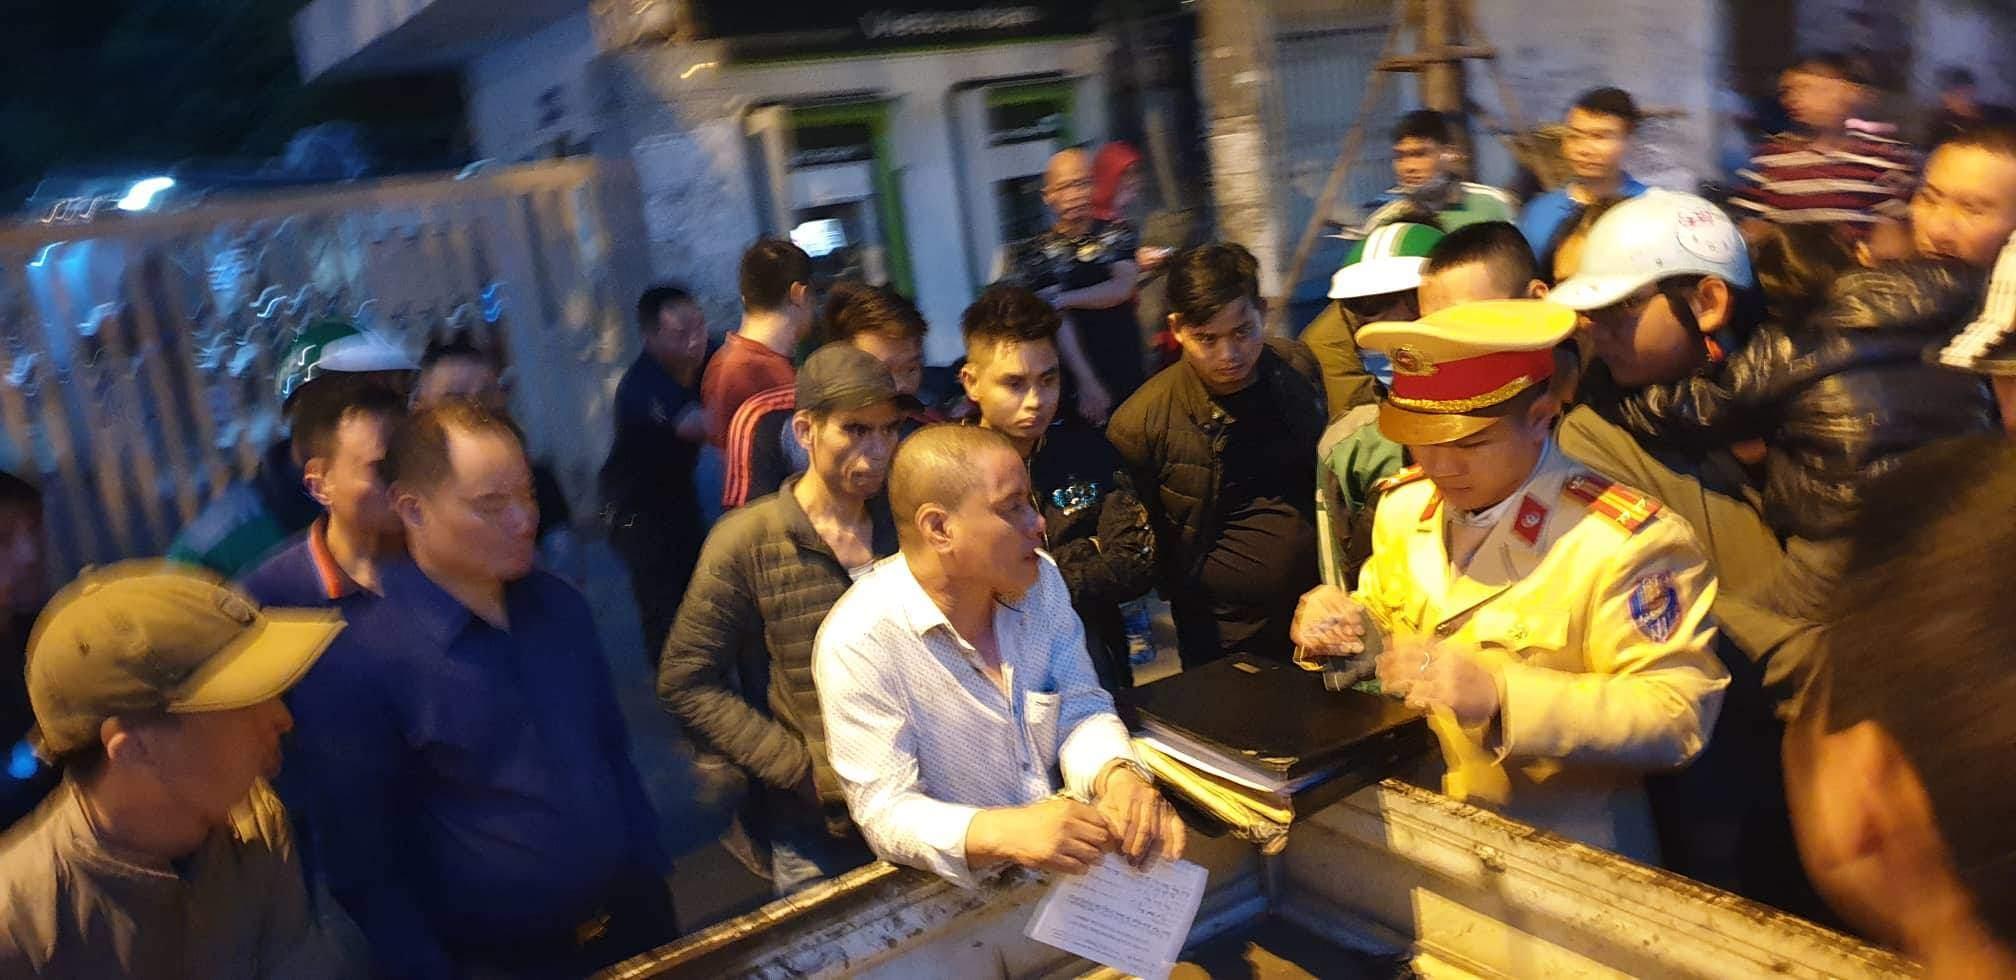 Vụ tài xế đâm gục người đi xe máy sau tai nạn ở Hà Nội: Công an đang lấy lời khai của nghi can - Ảnh 2